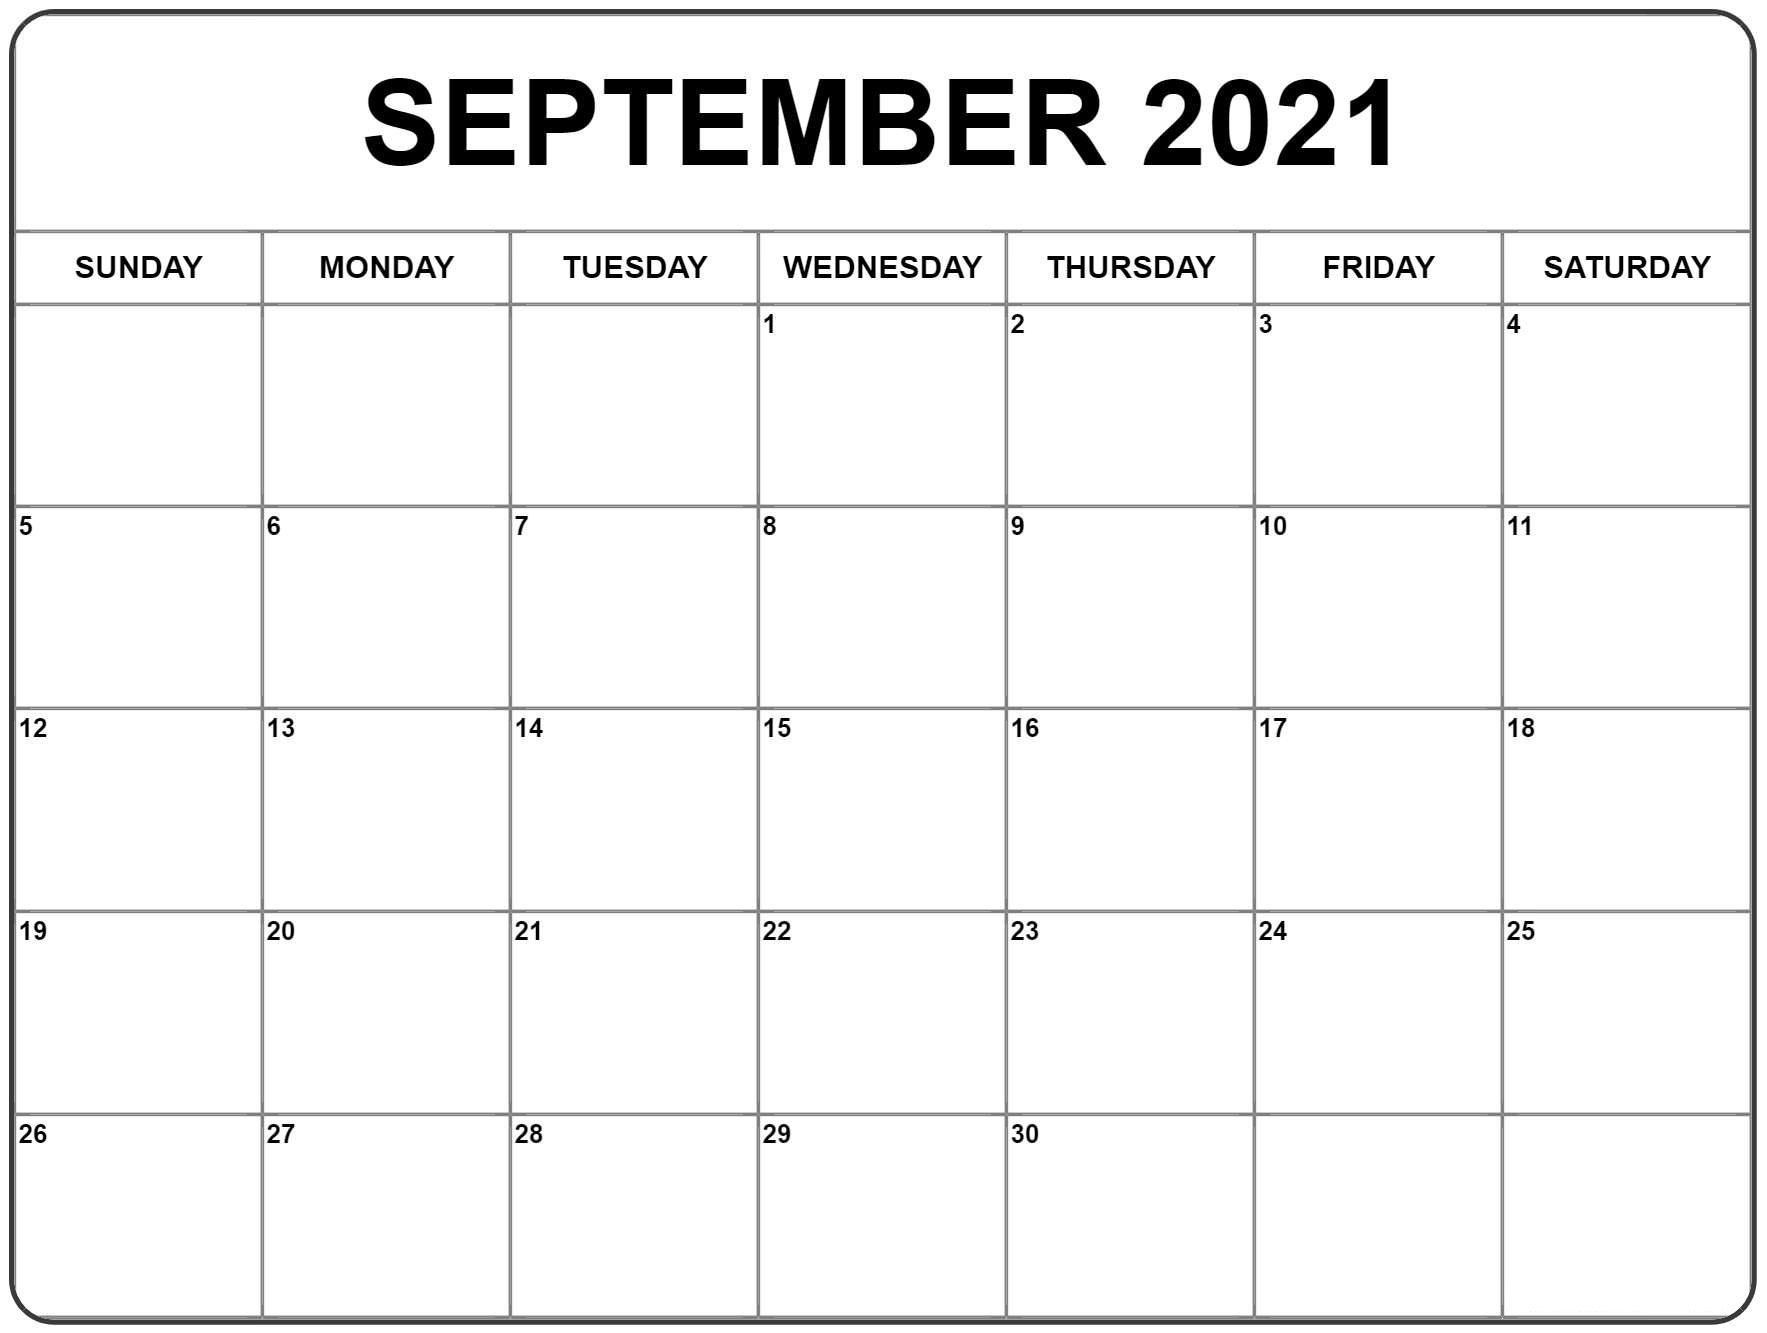 September 2021 Calendar | Blank Monthly Calendar Template